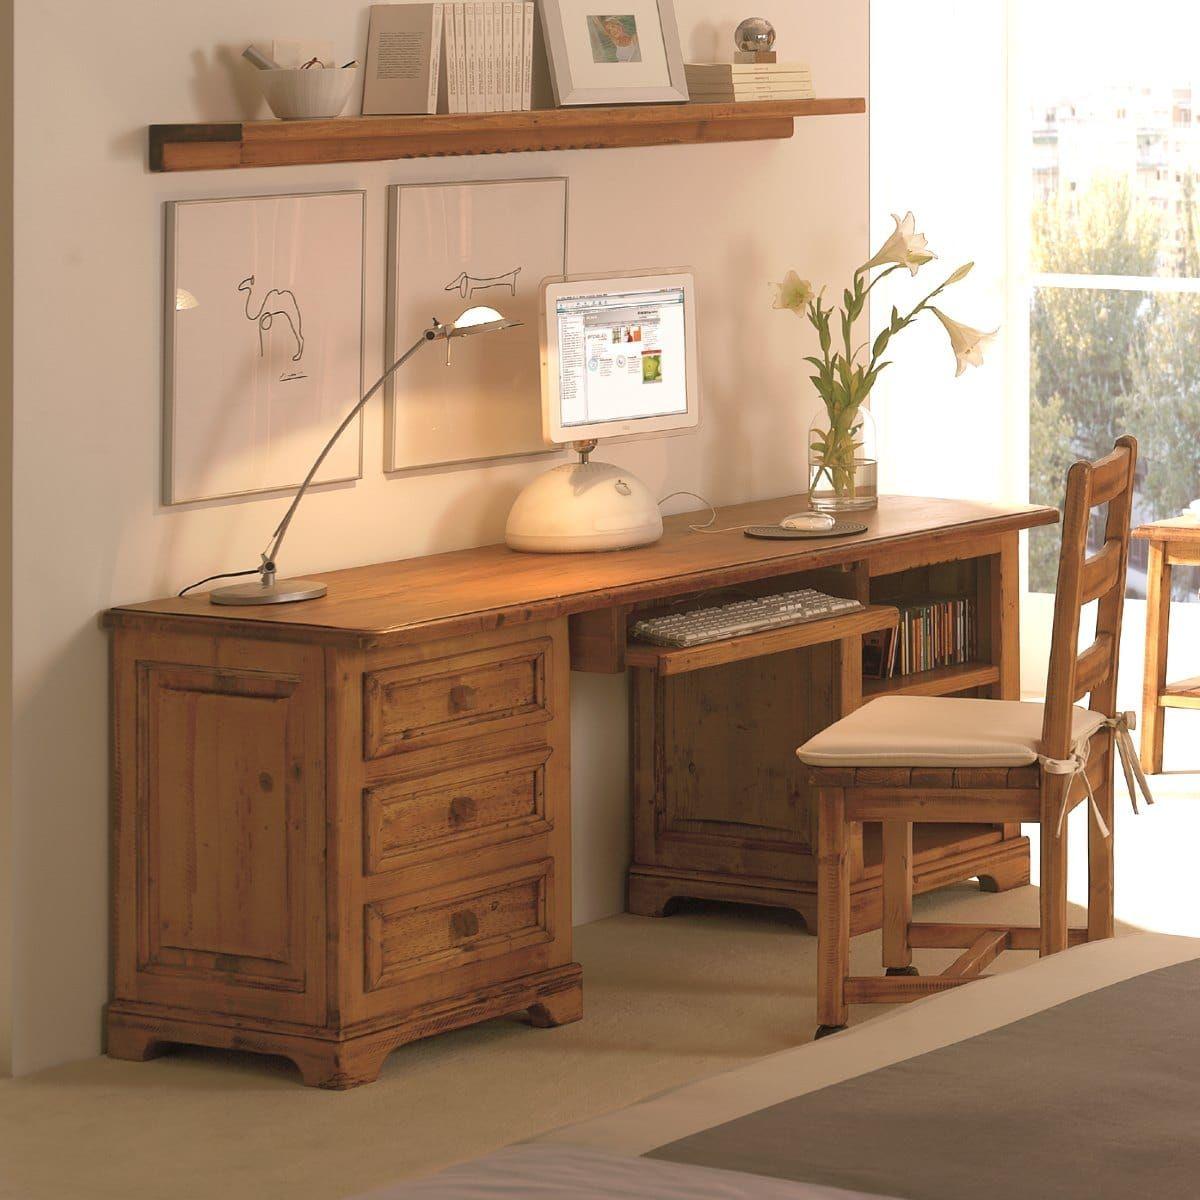 con nuestro escritorio rstico de madera con cajones y estantes podrs tener tu